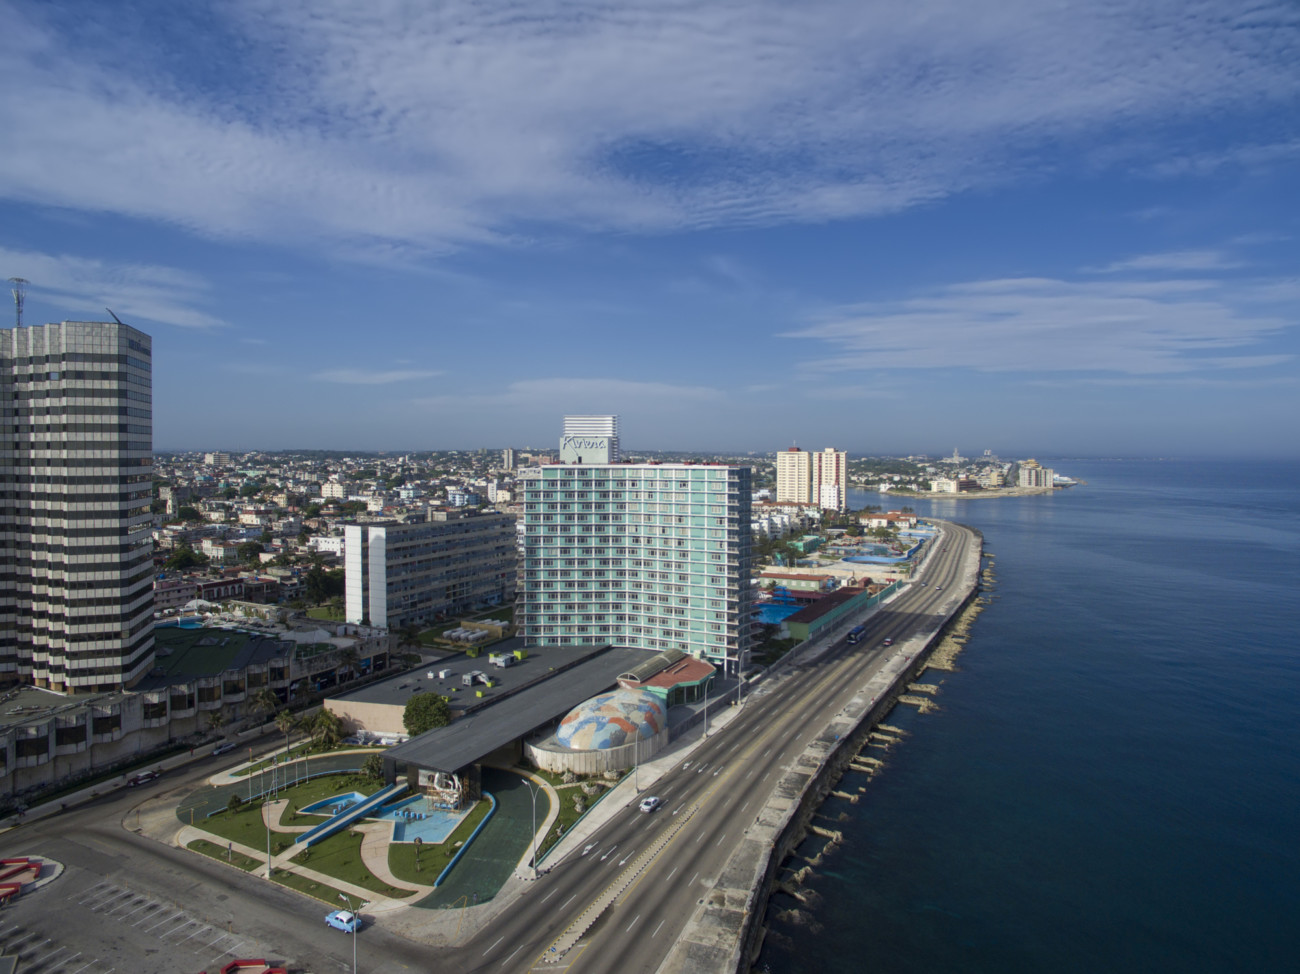 Habana Riviera by Iberostar (2)